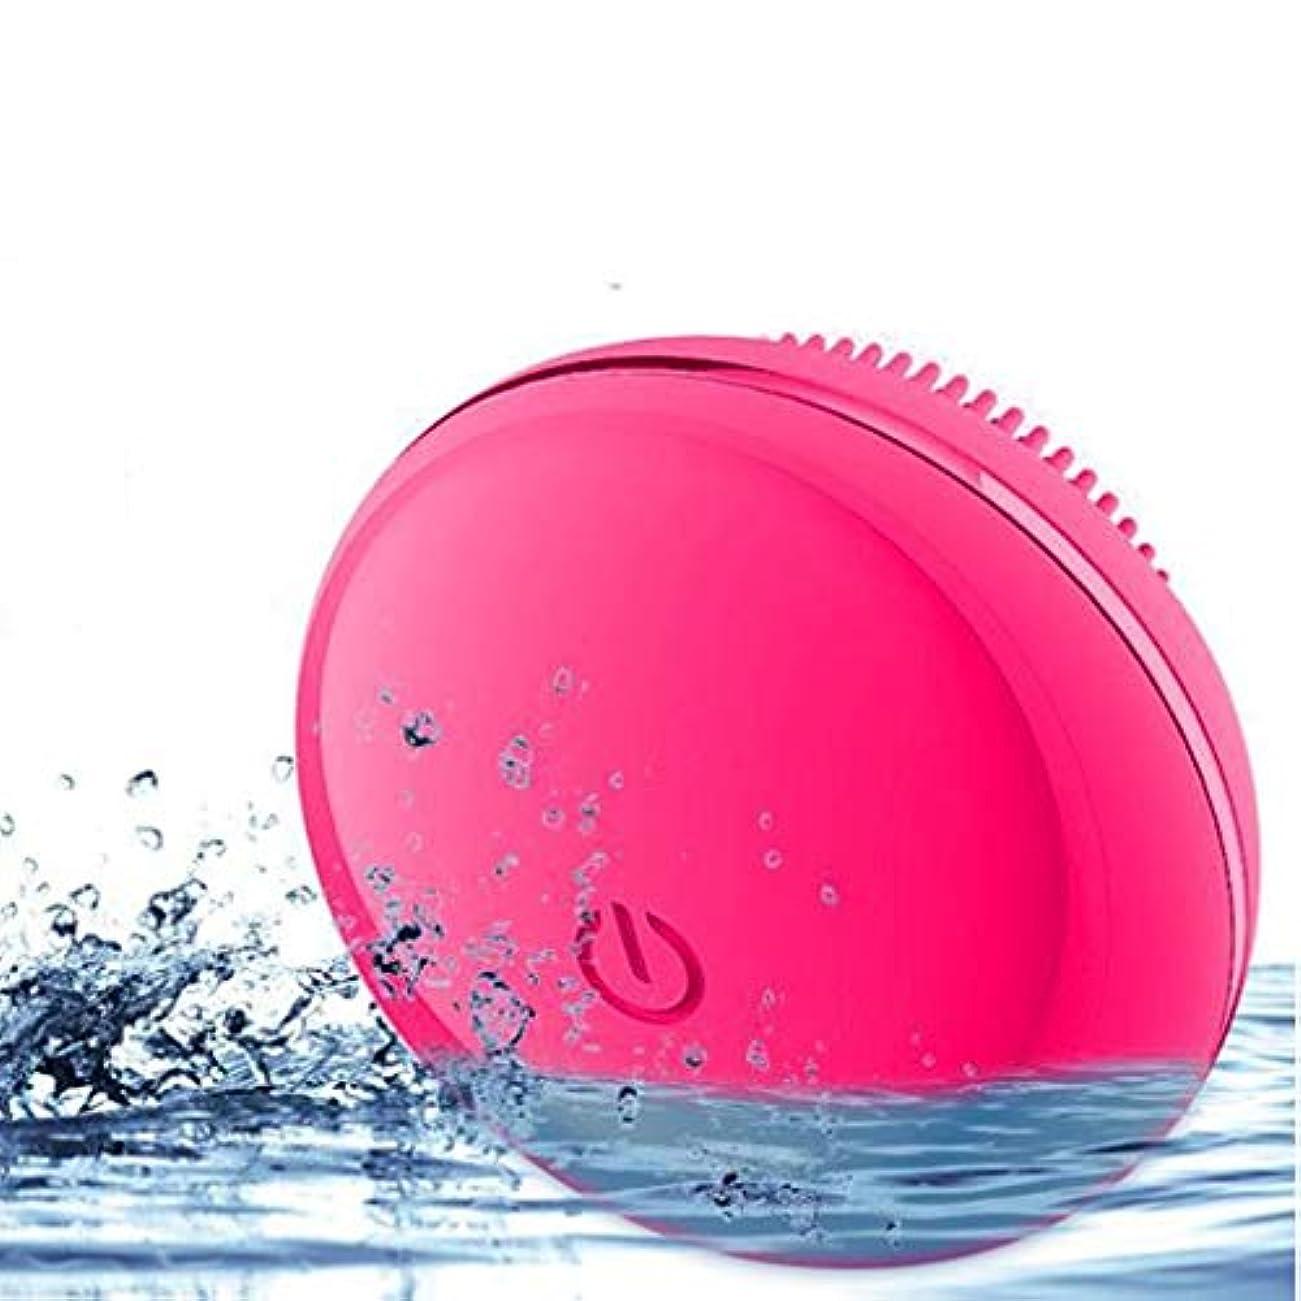 やむを得ない年金受給者同種のソニックバイブレーションフェイシャルクレンジングブラシ、電動ポータブルディープクレンジングブラシポアクリーナーは、しわ美容ツールを減らして肌を若返らせます (Color : Red)